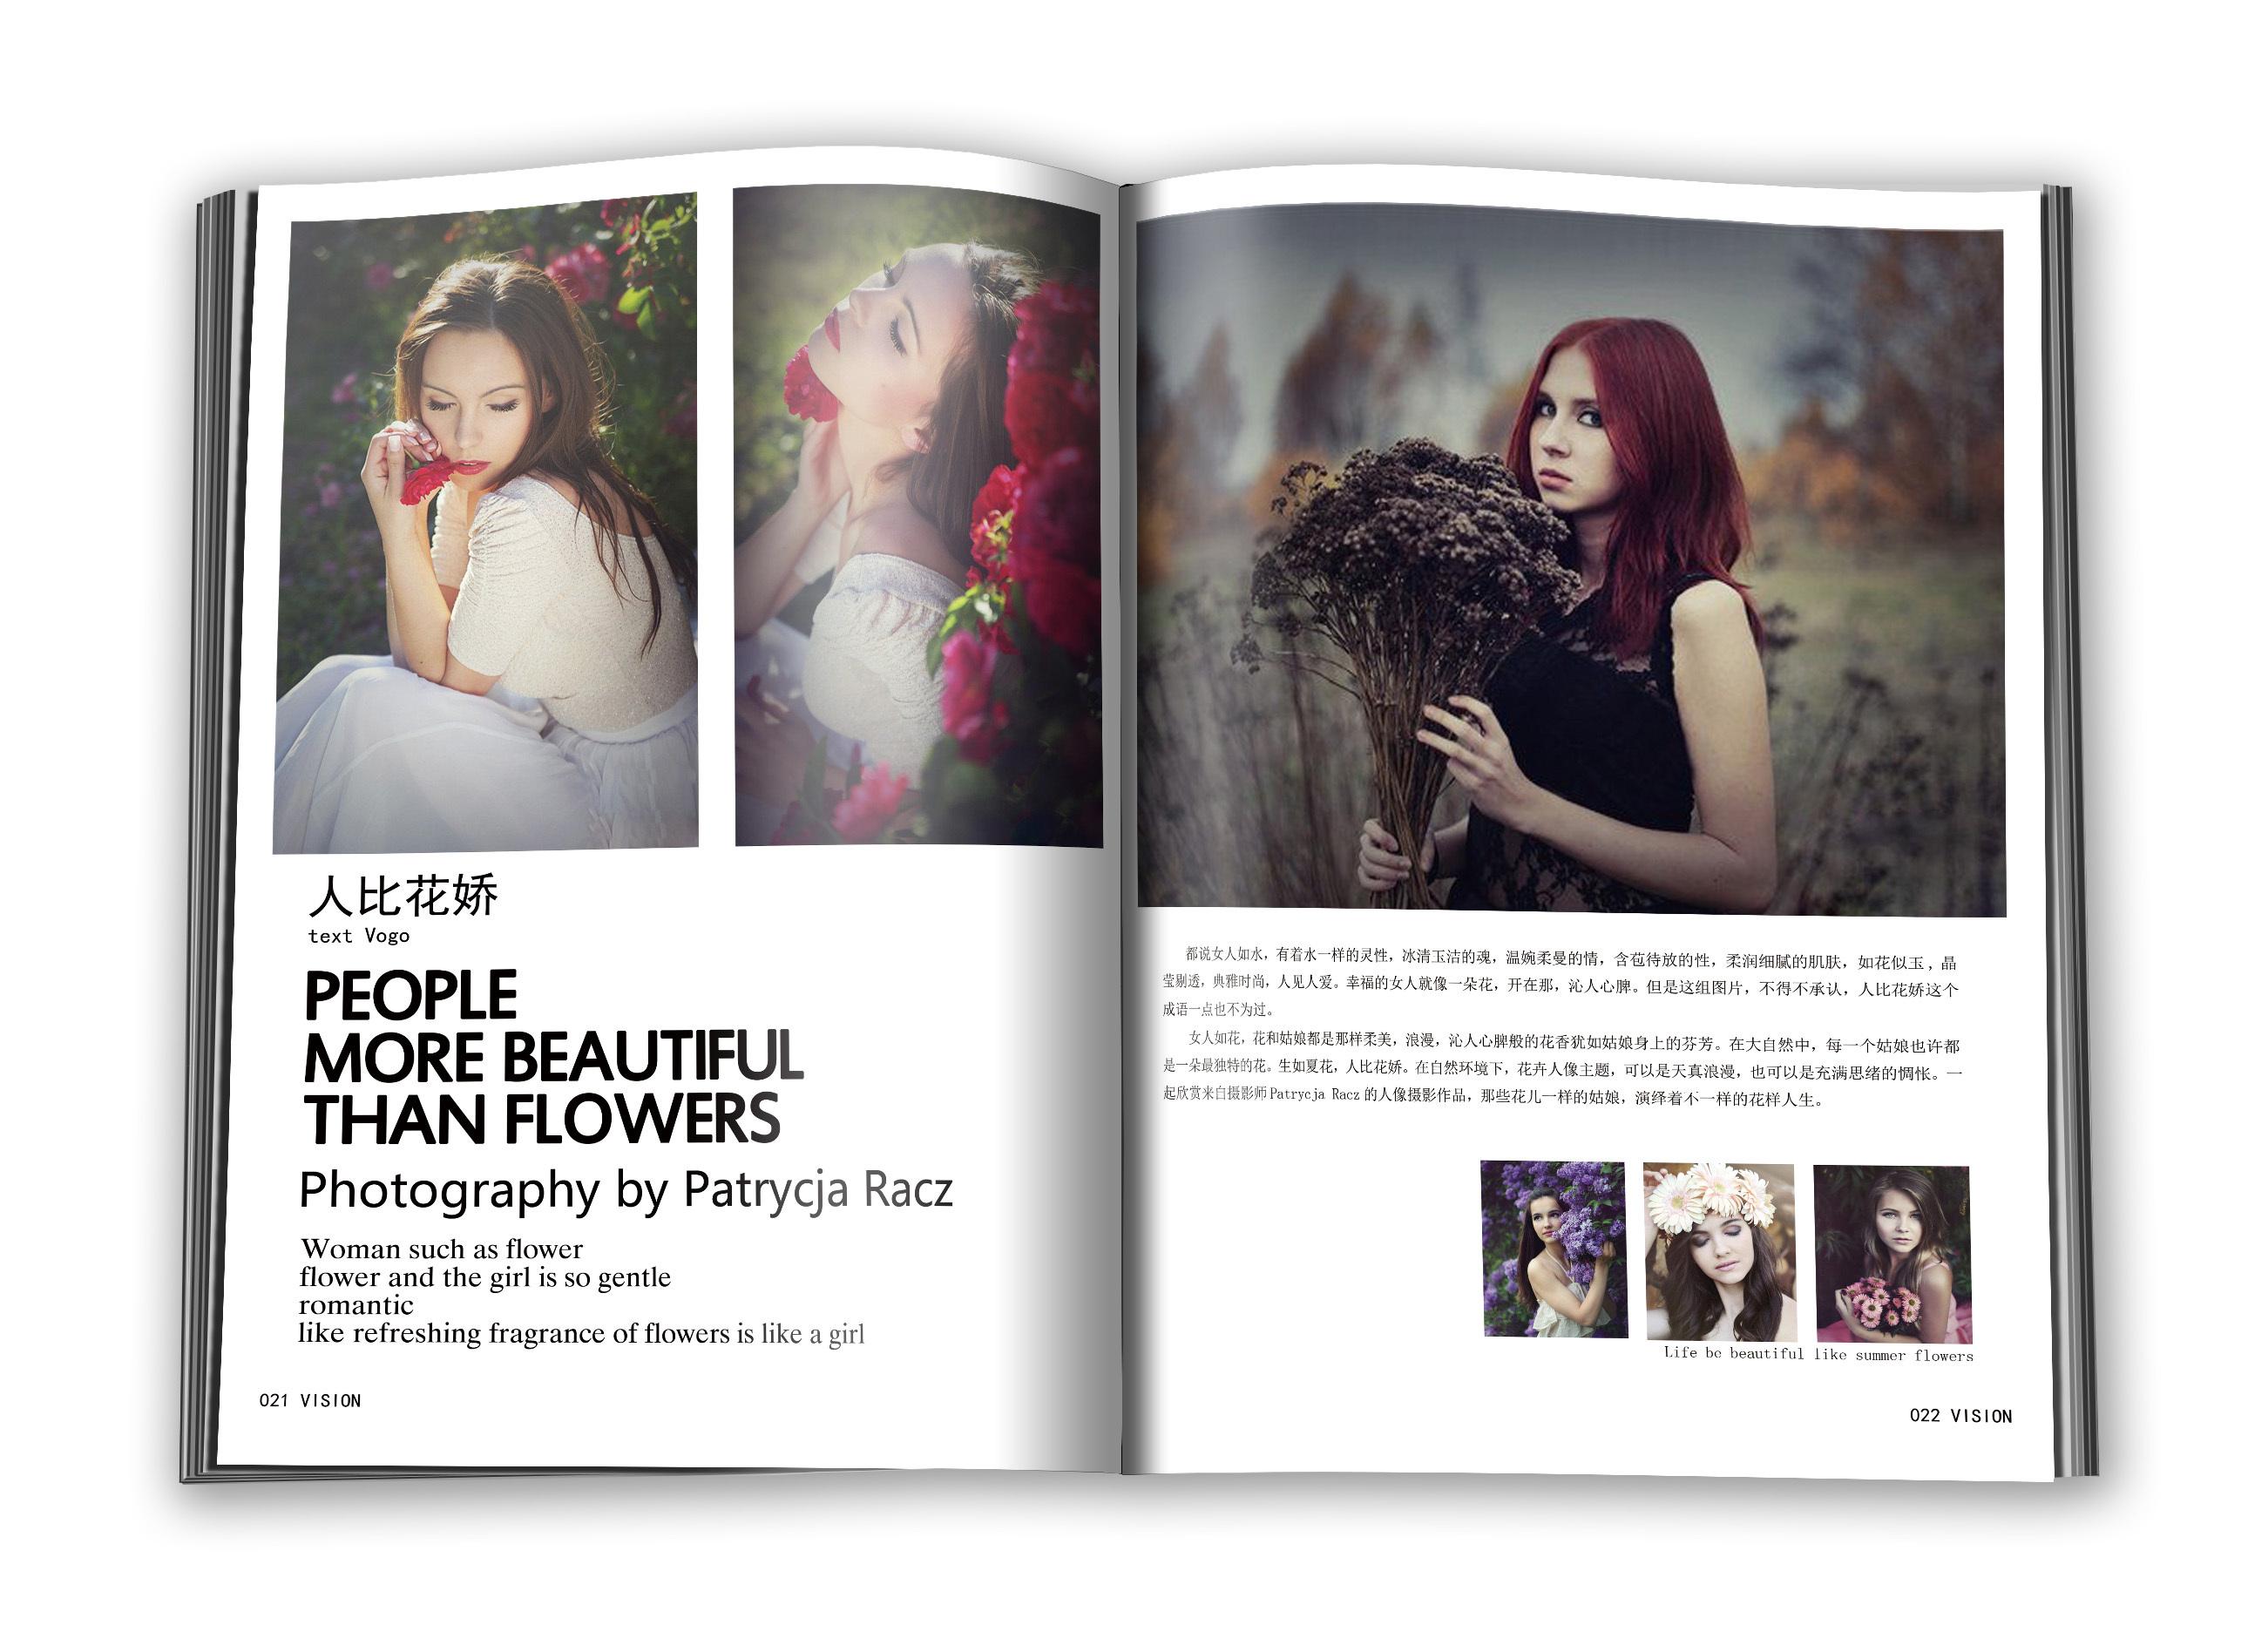 杂志排版设计作业|平面|书装/画册|风漓忧 - 原创作品图片